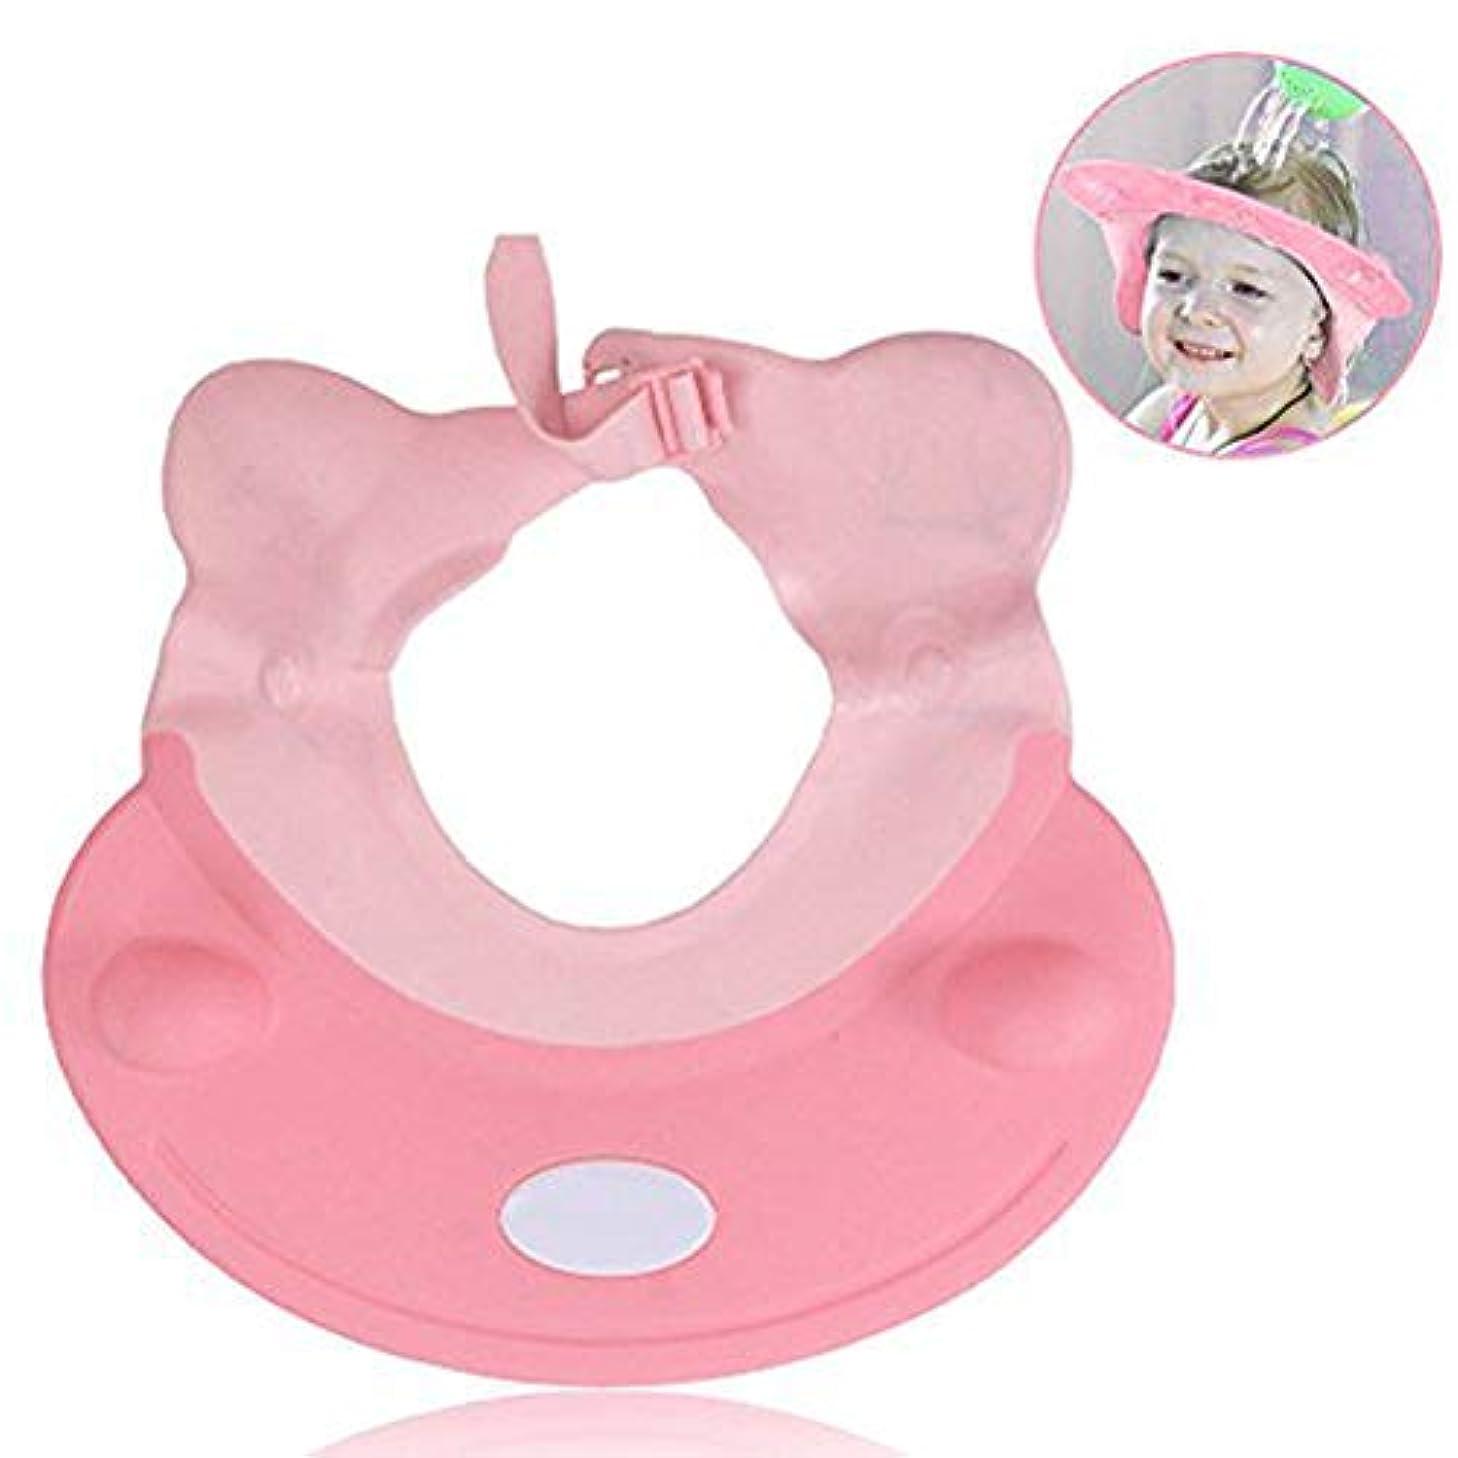 責任者ピアース記念碑的なシャンプーハット ベビー お風呂 洗髪用帽子 風呂用品 防水帽 シャワーキャップ 調整可能 子供 大人用 可愛い ピンク